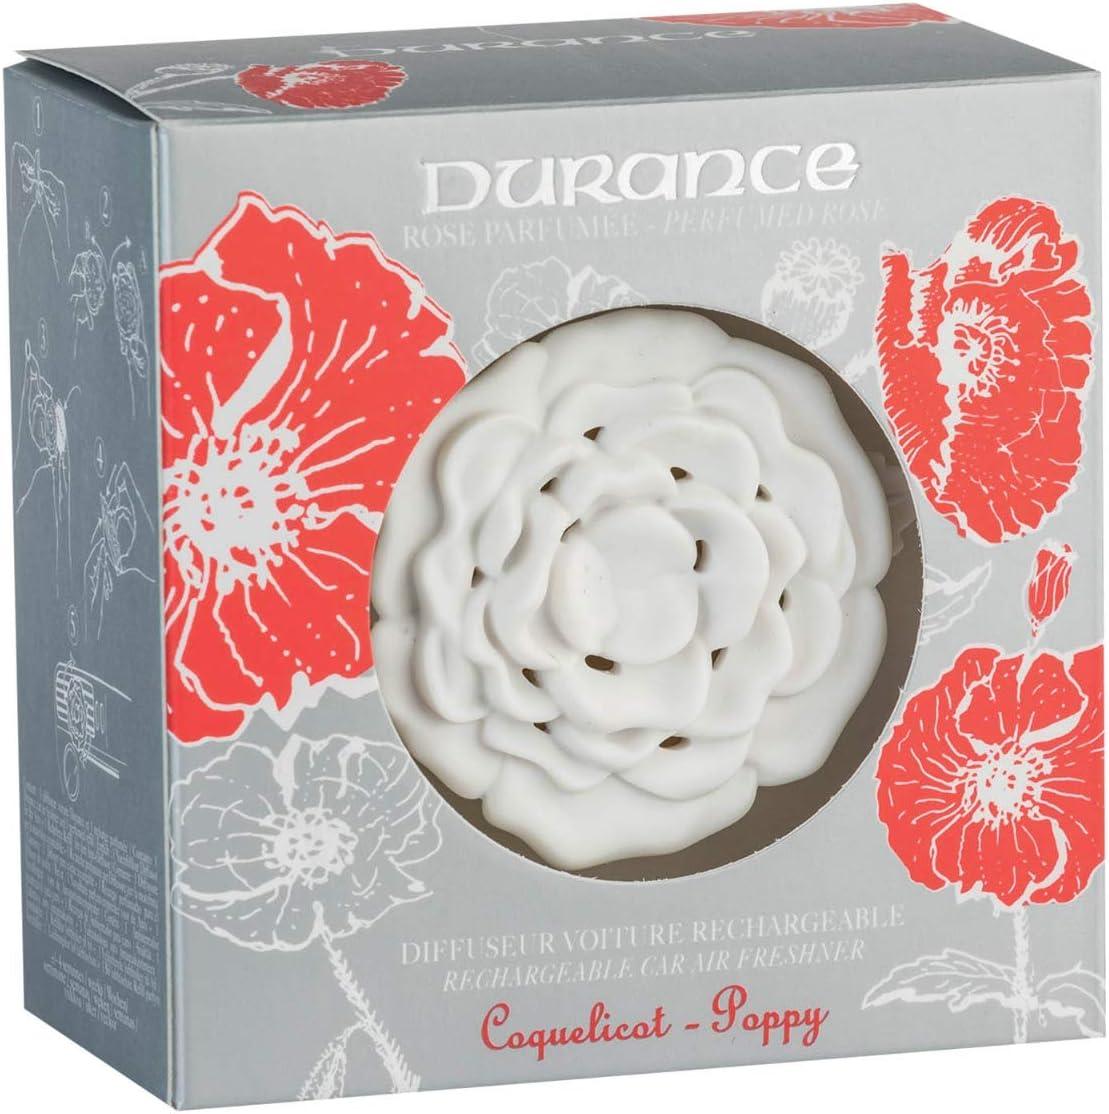 Fleur de Coton Parfum Voiture Rechargeable